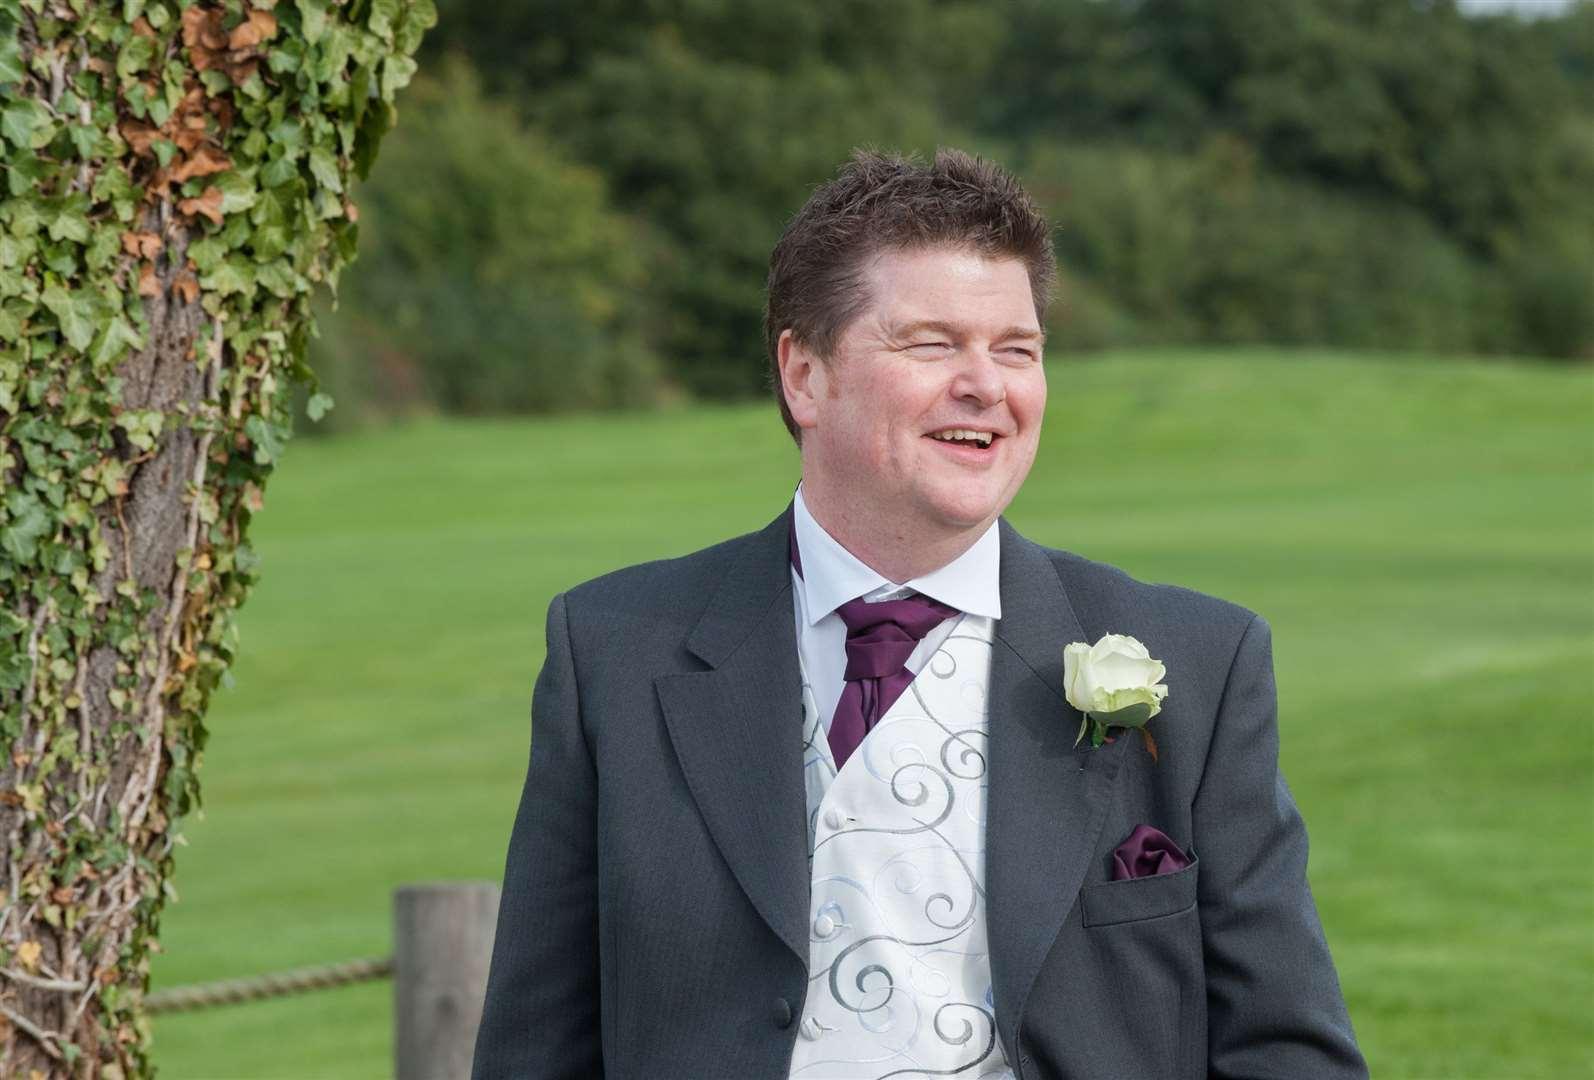 Baker Steve Davies has died